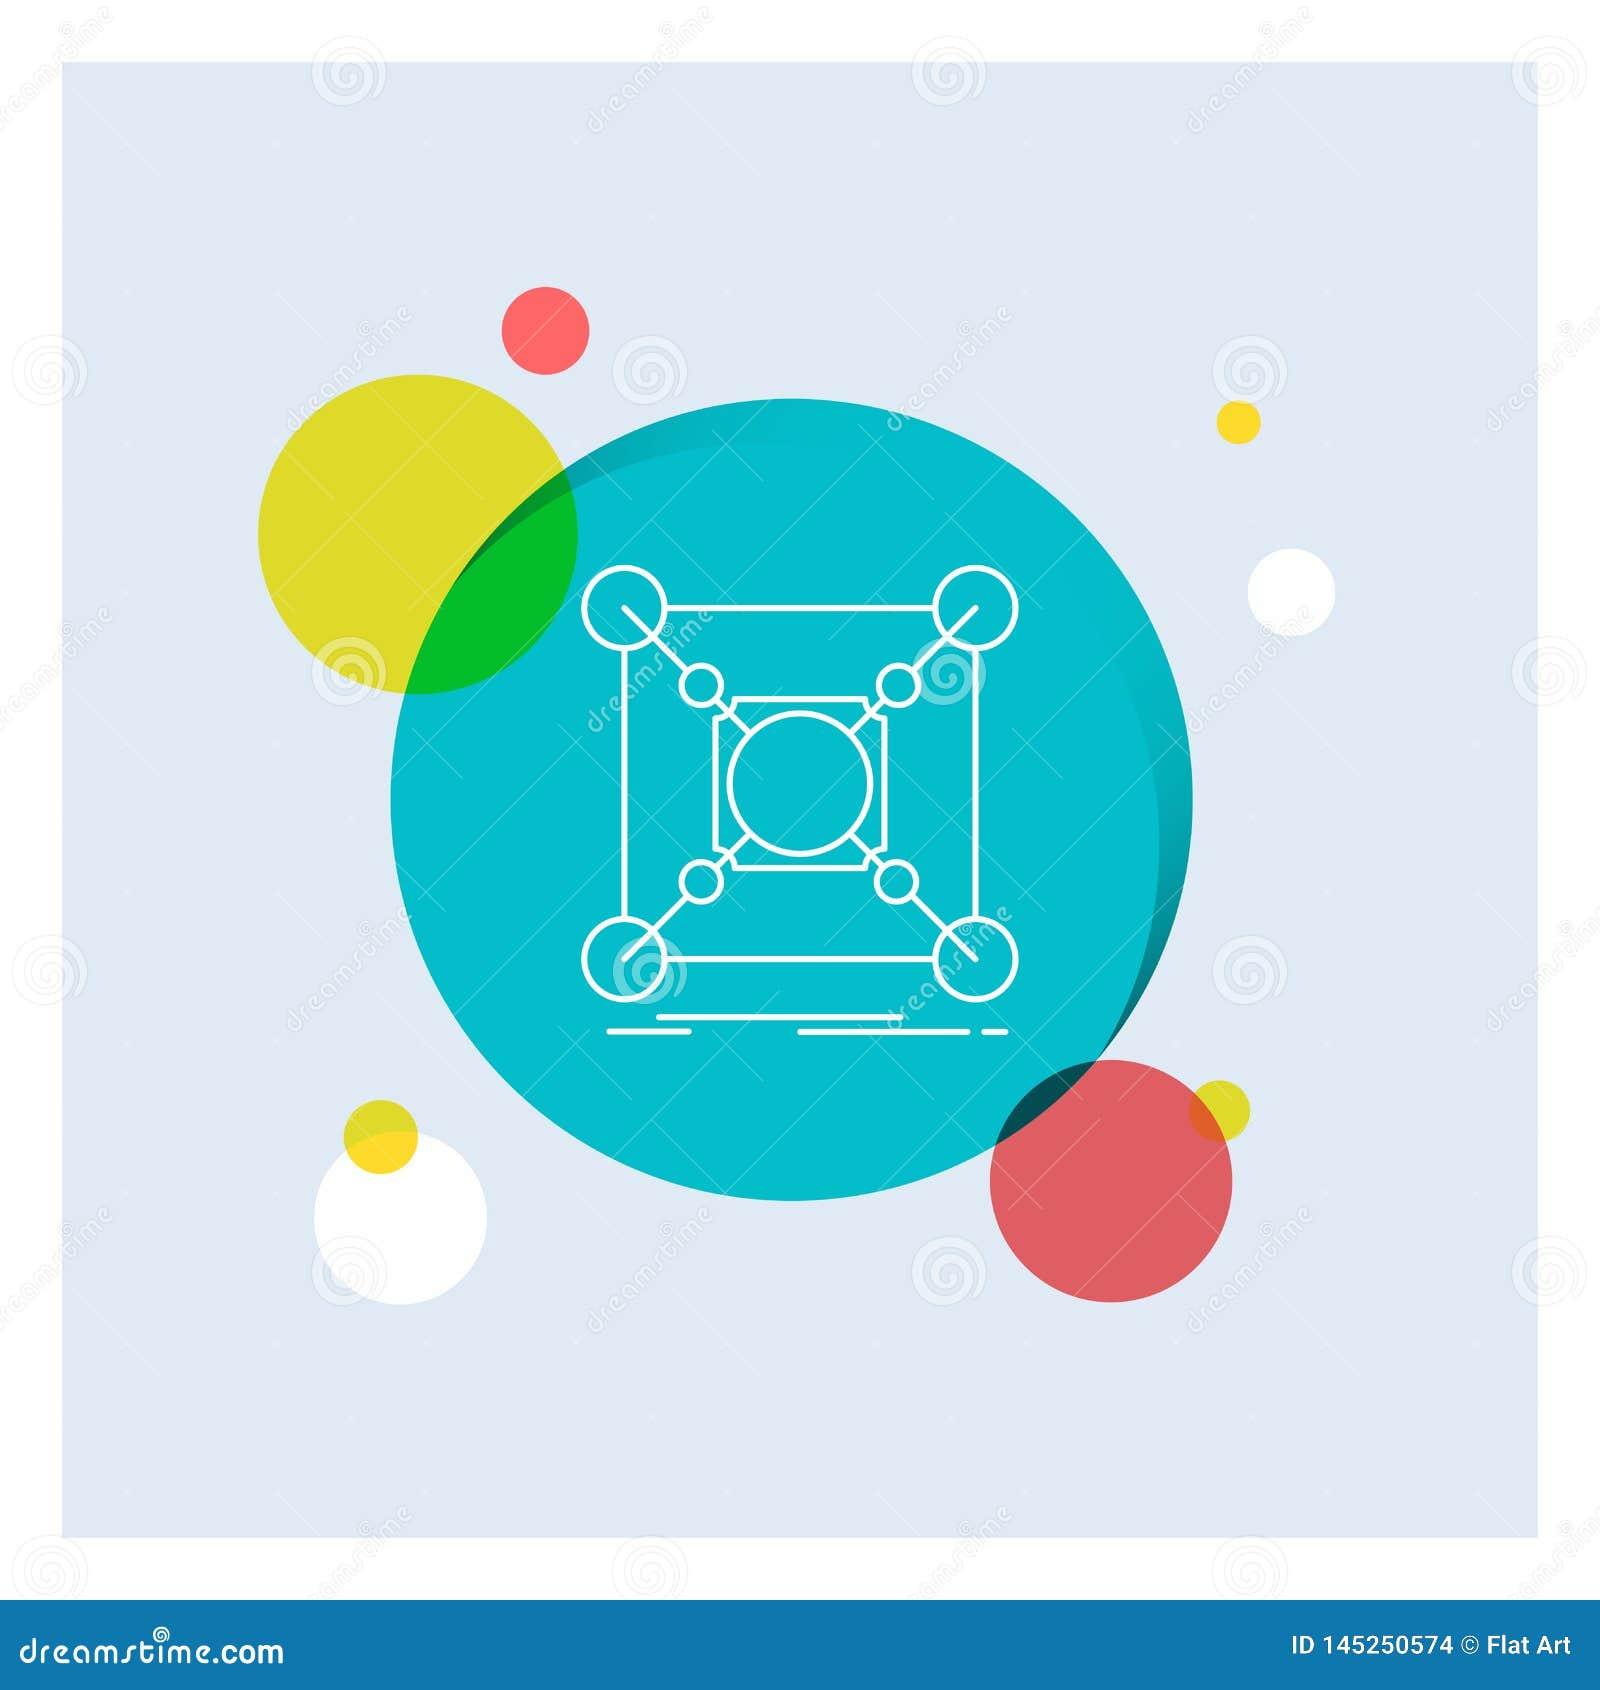 Base, centro, conexão, dados, linha branca fundo colorido do cubo do círculo do ícone